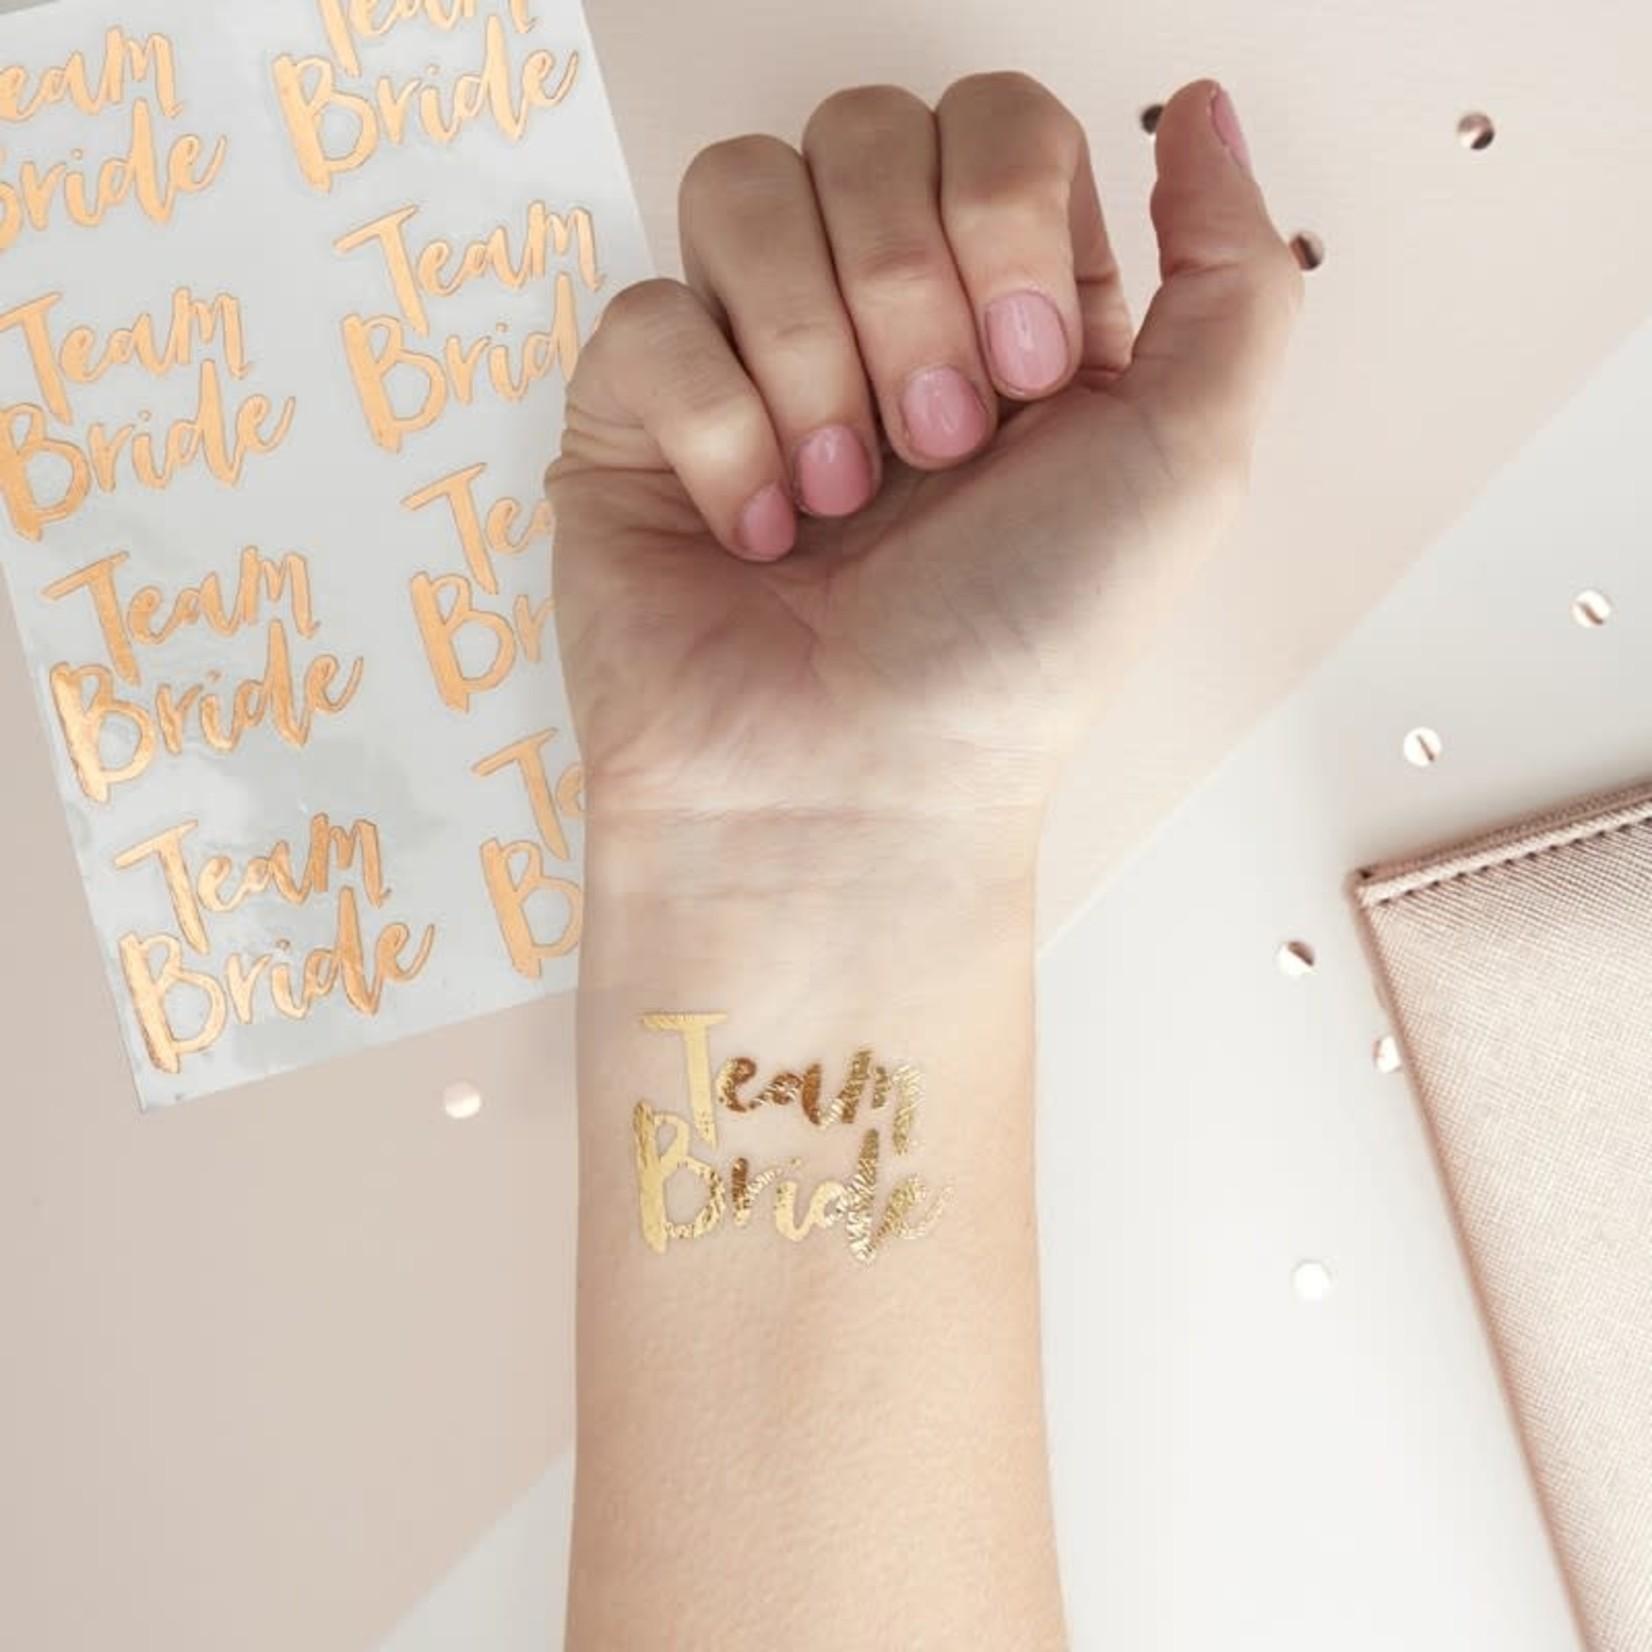 Tattoos - Rose Gold